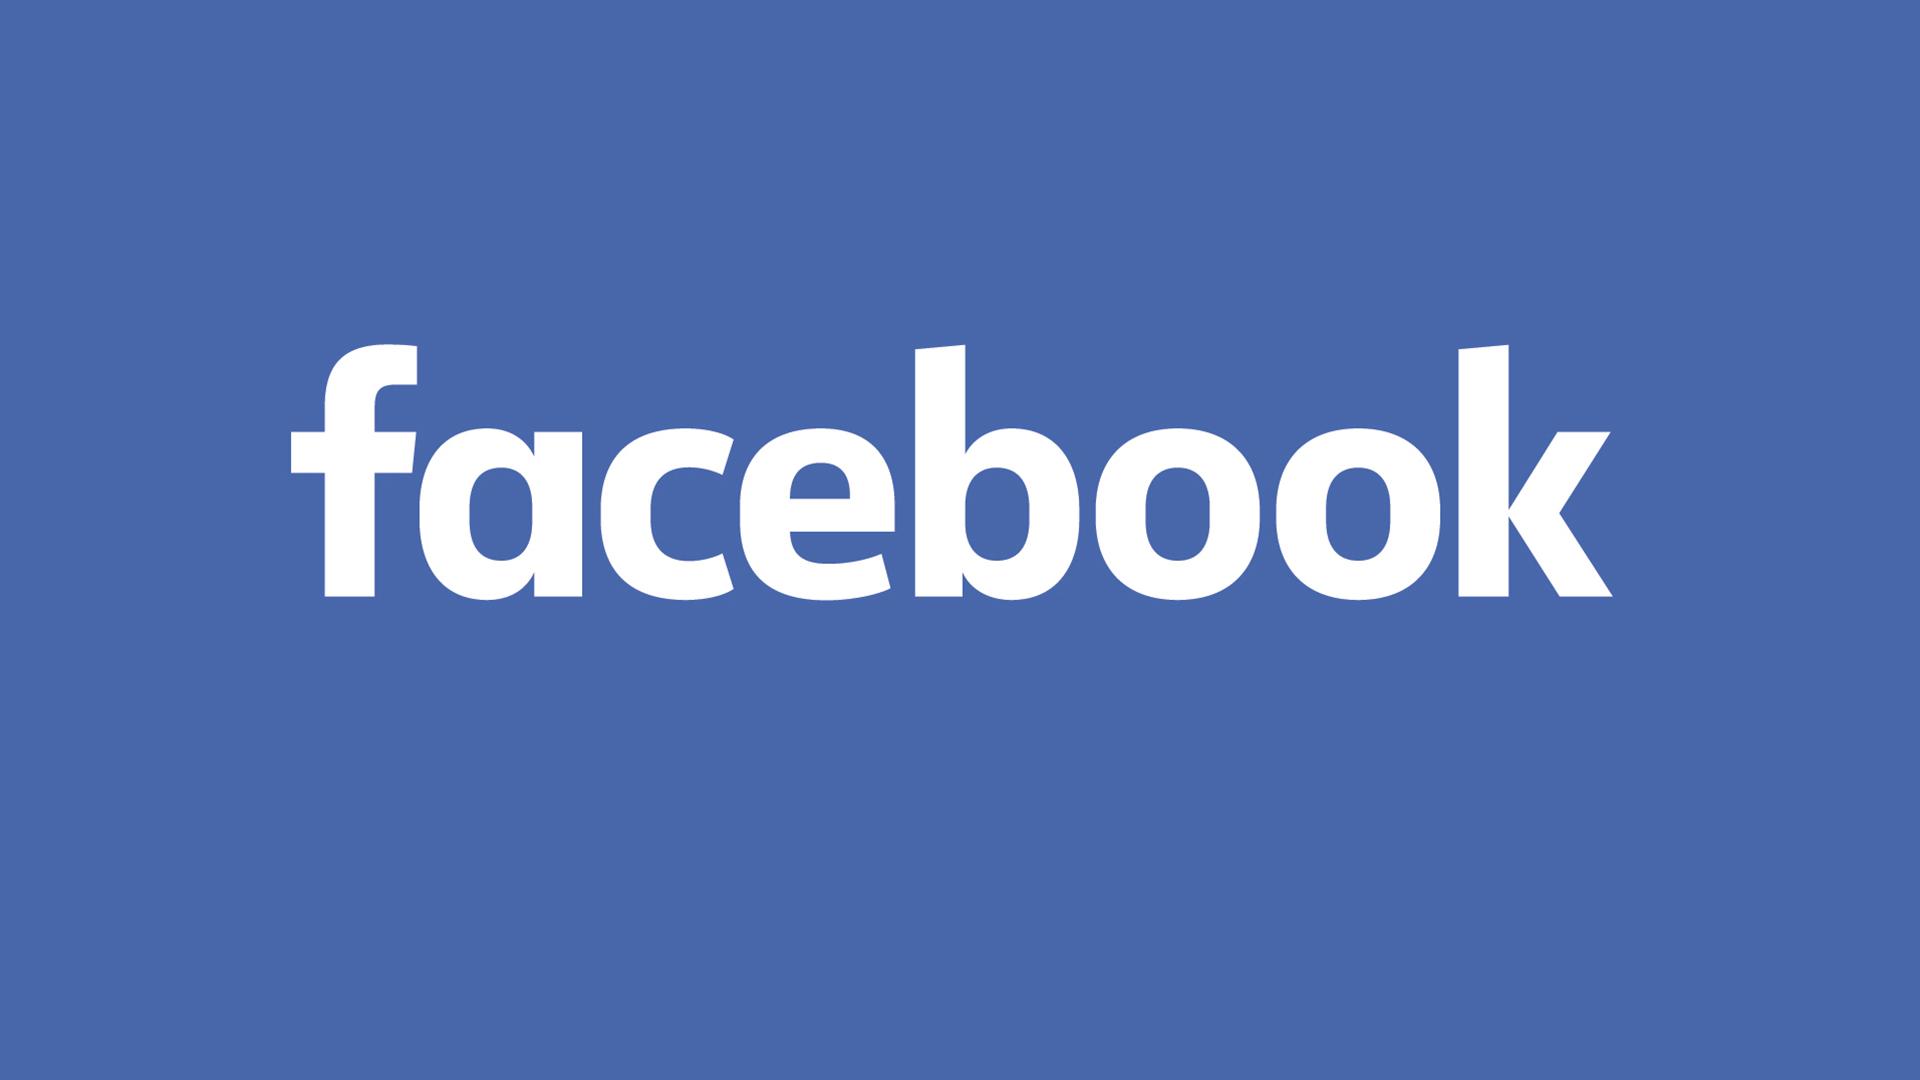 Γερμανία: Το Facebook διέγραψε λογαριασμούς αντιεμβολιαστών